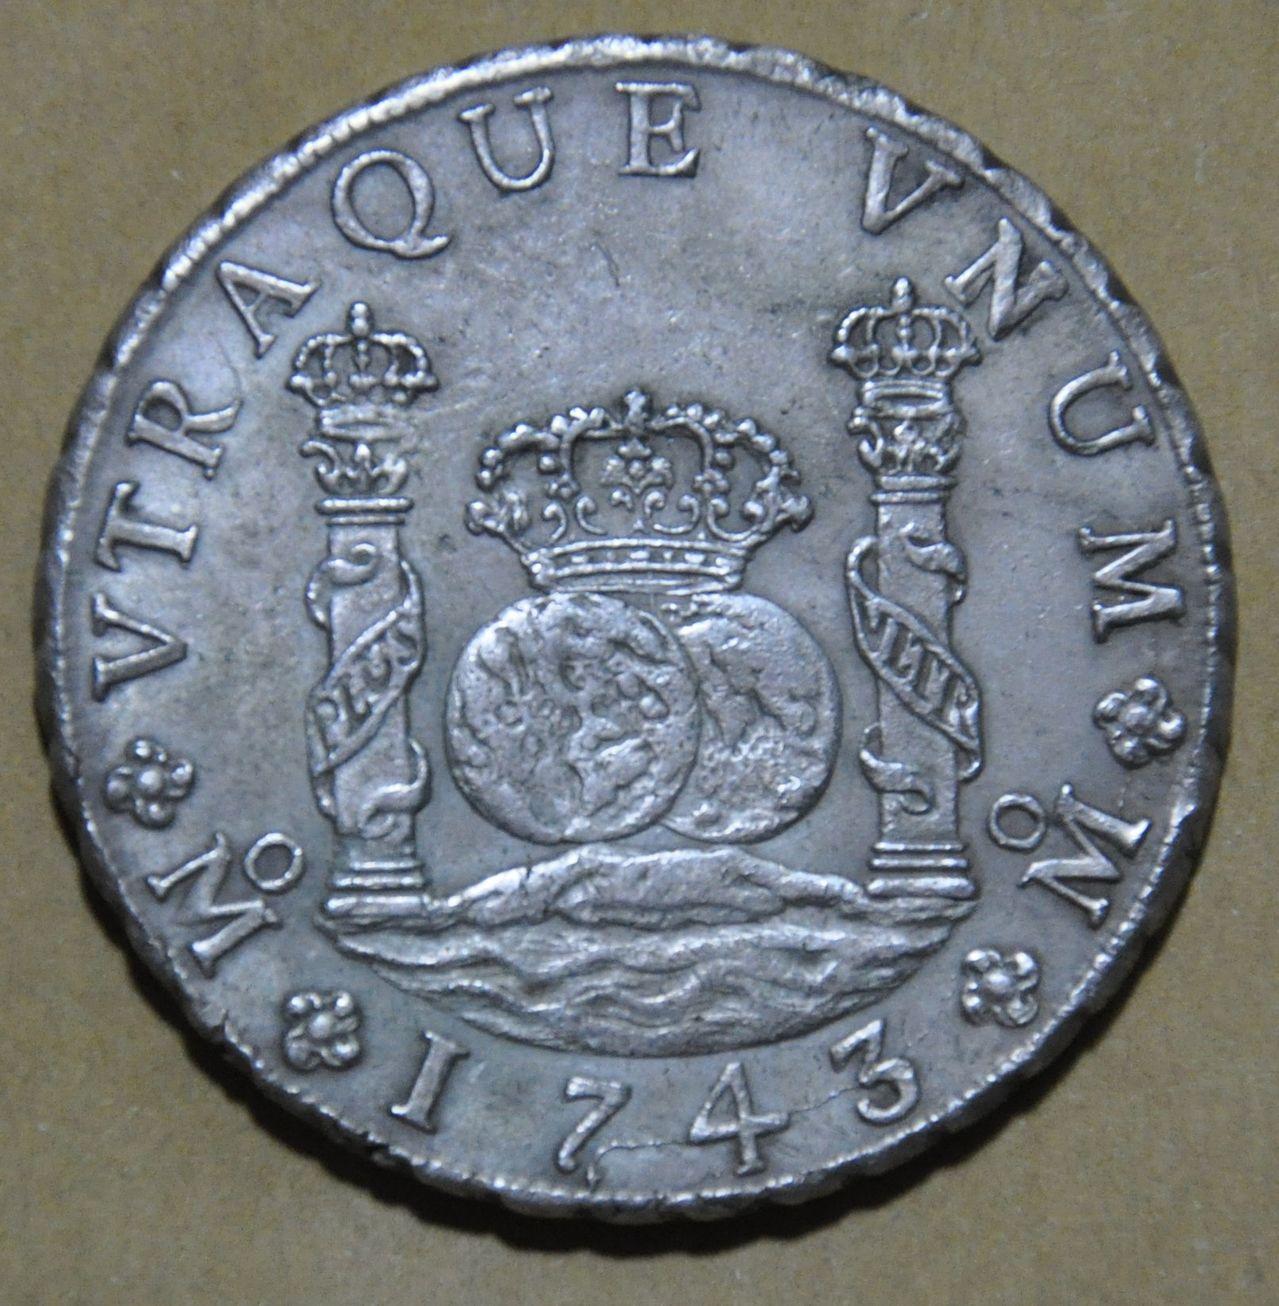 8 Reales columnarios Felipe V Mexico 1743 MF 8_REALES_FELIPE_V_MEXICO_1743_MF_4